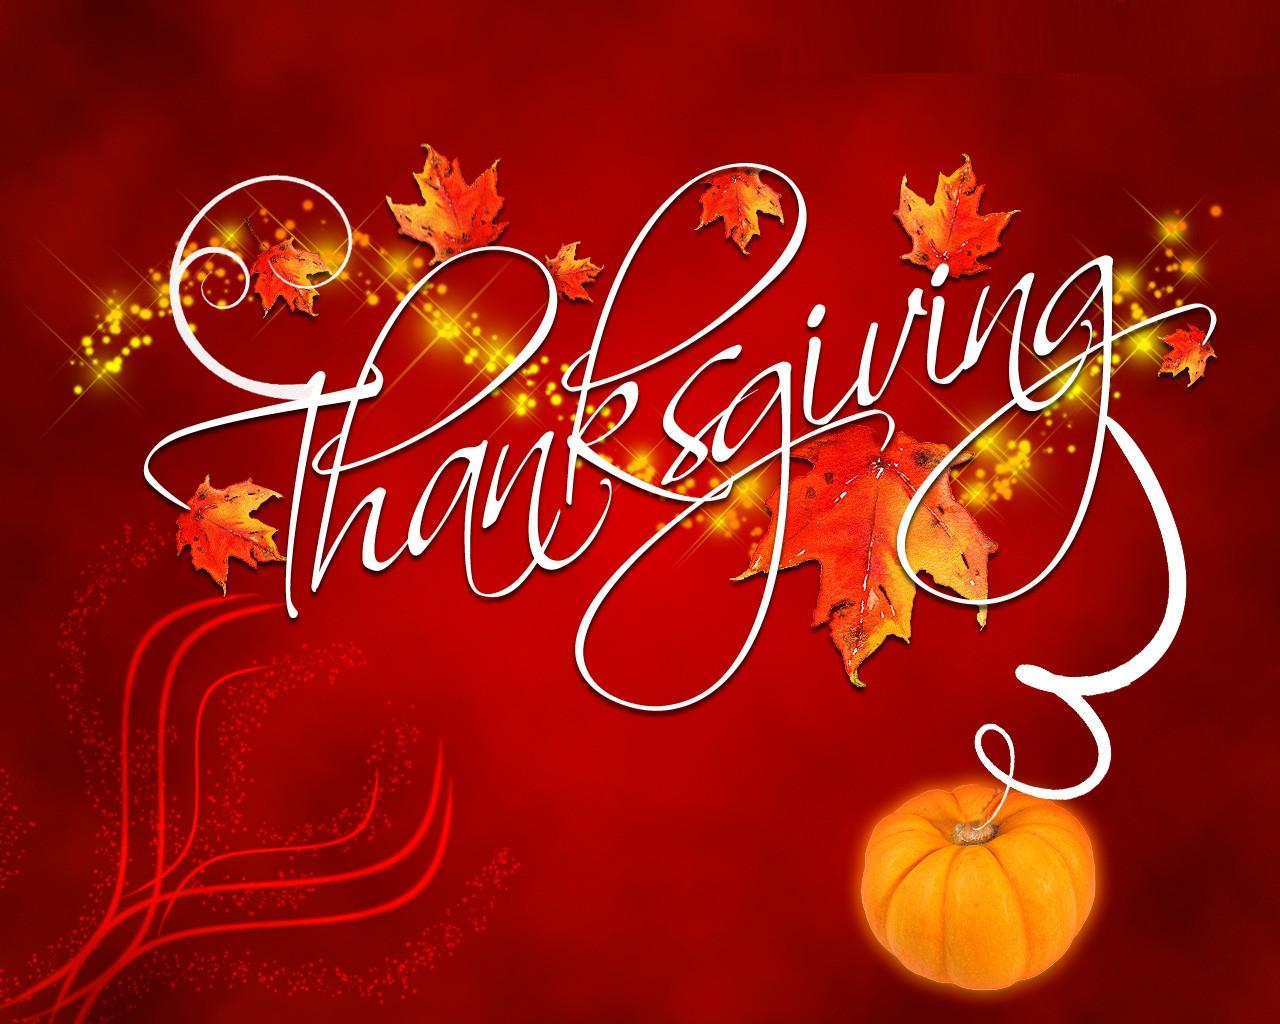 free animated thanksgiving desktop wallpaper